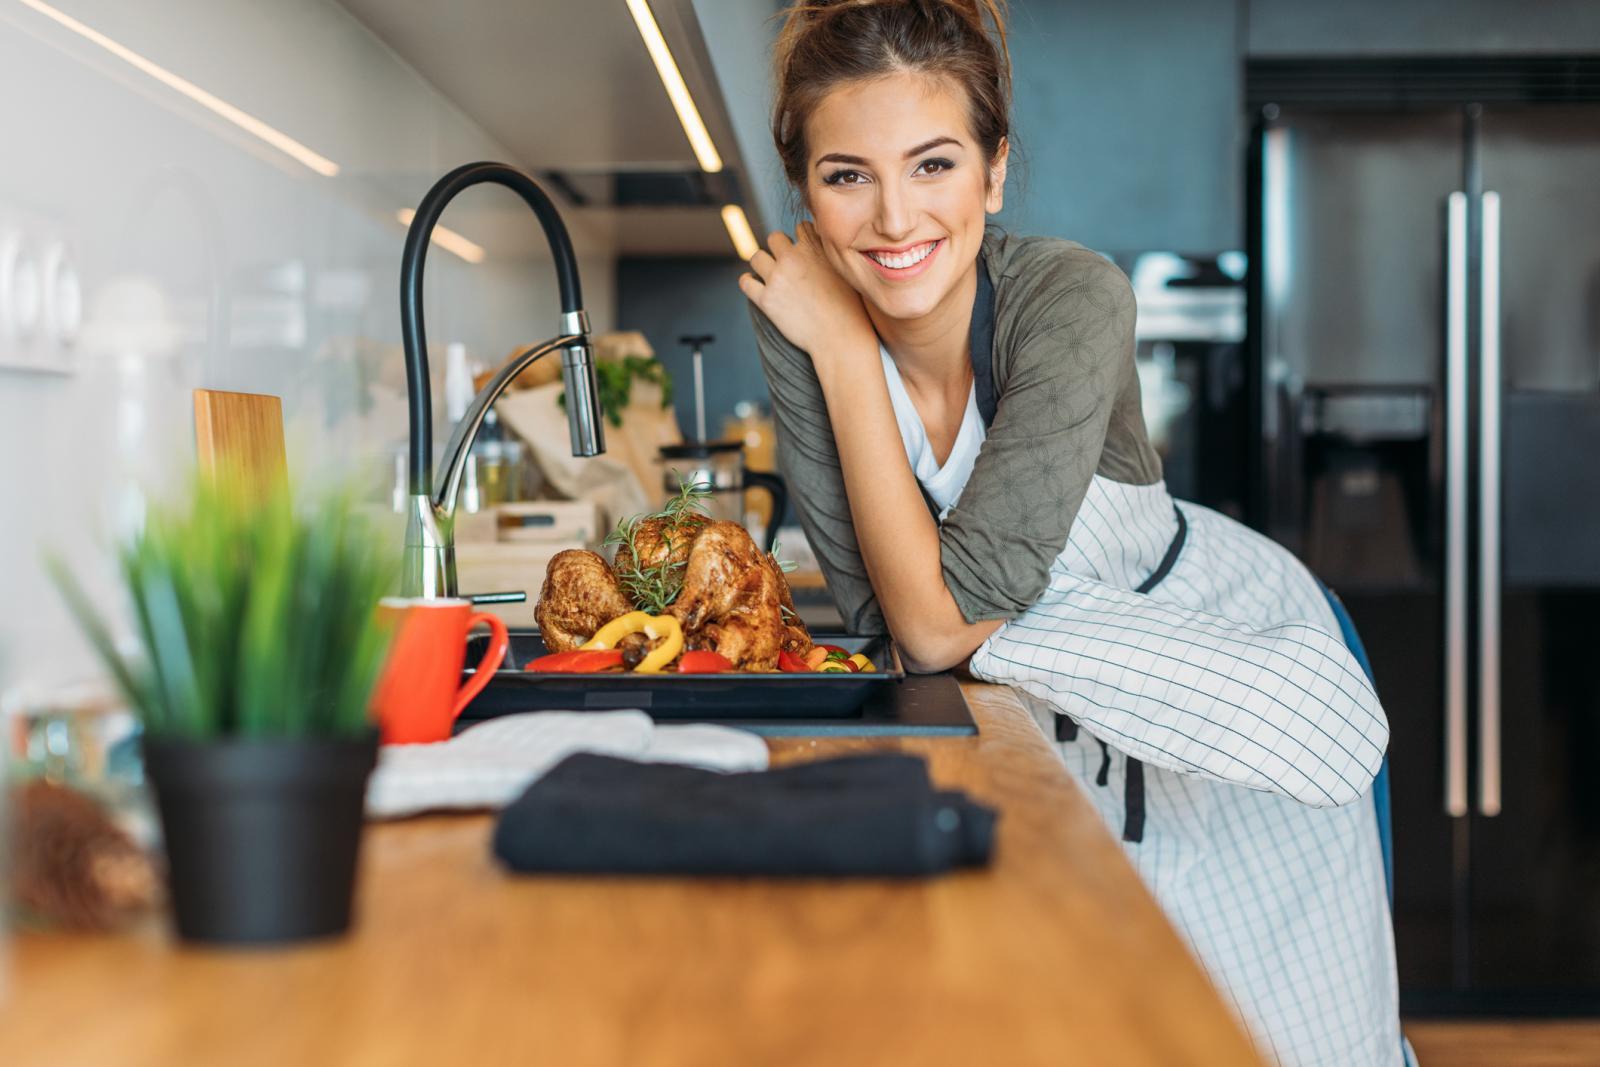 Poznato je da se trebamo čuvati mesa peradi i jaja, no sve češće salmonelu nalazim i u voću i povrću.